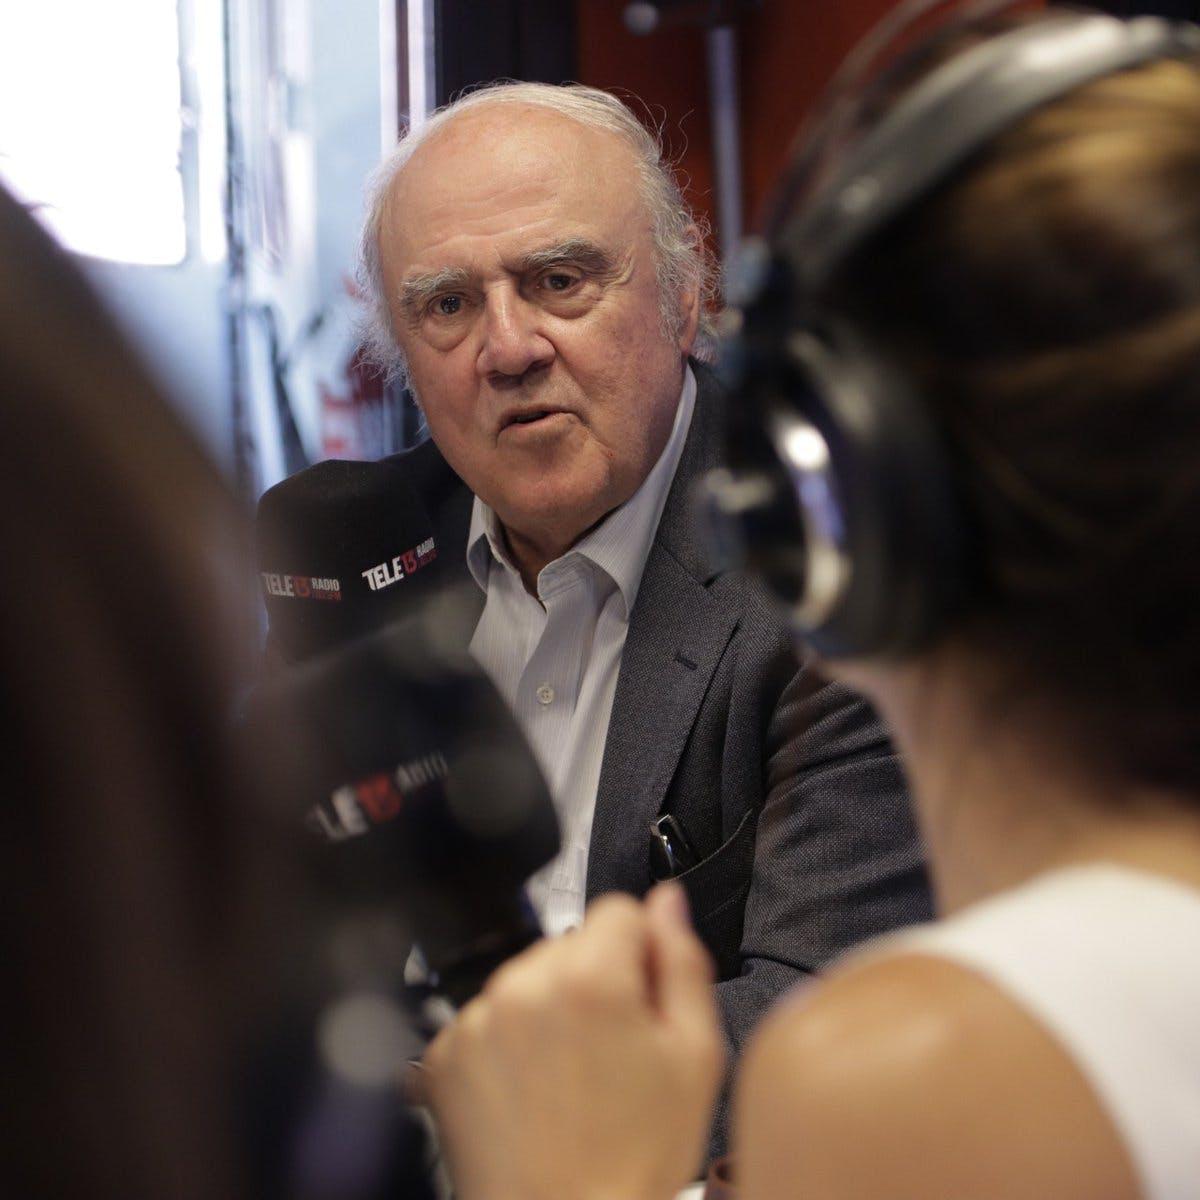 La Crisis según Agustín Squella - Especial Crisis Social - Emisor Podcasting